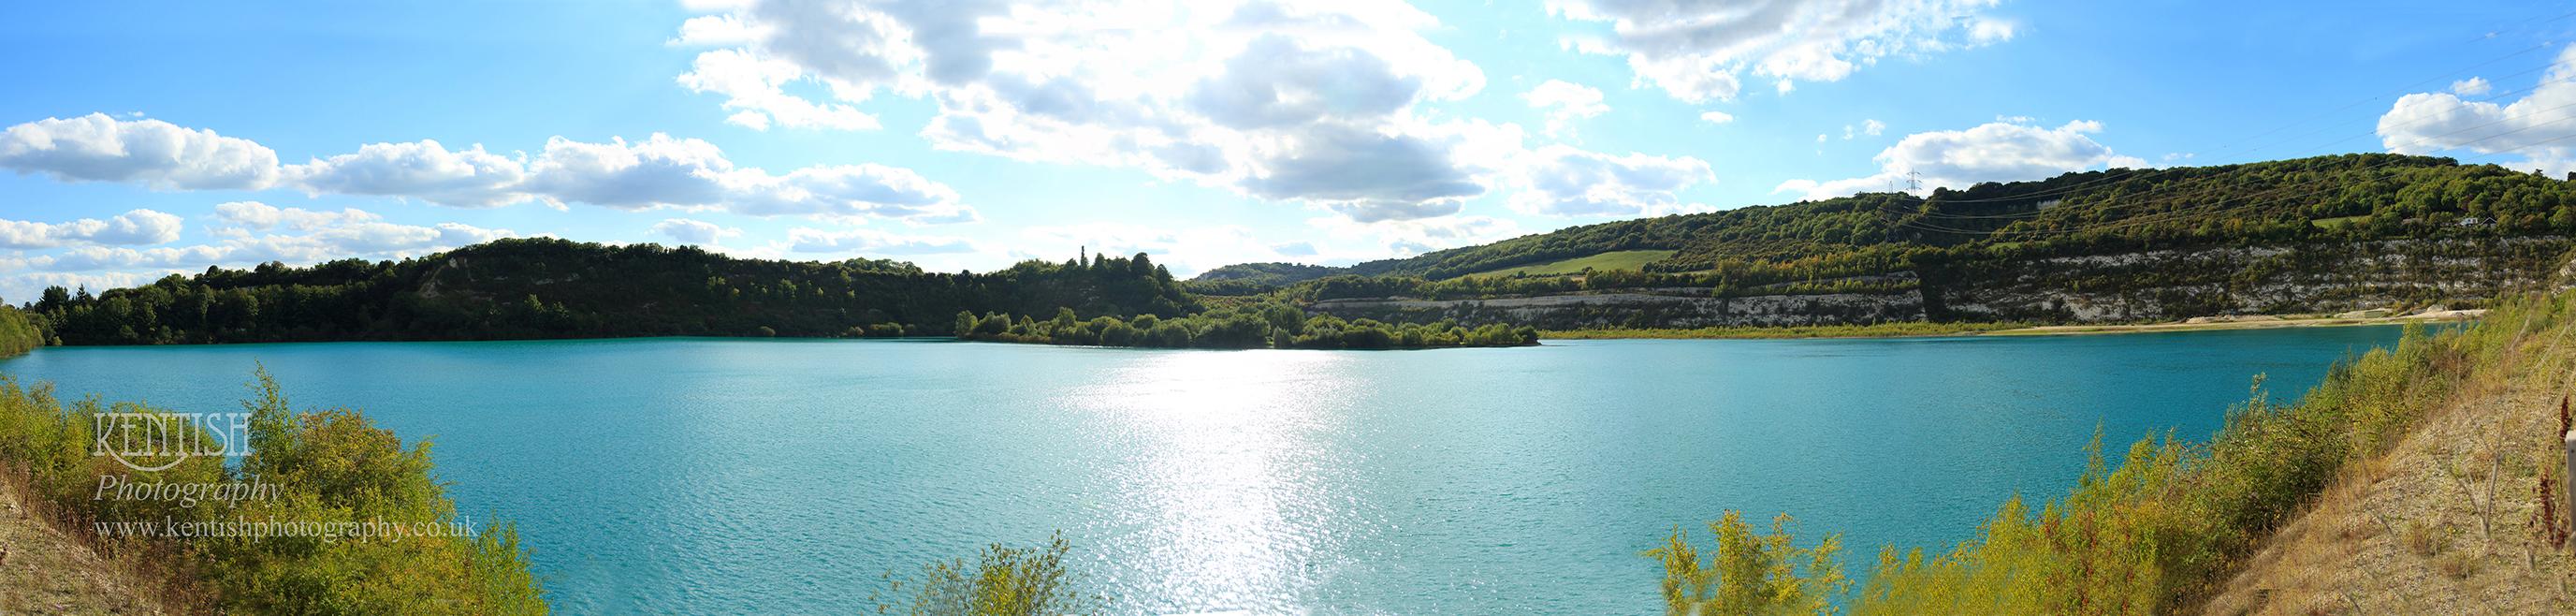 Halling lake, Kent